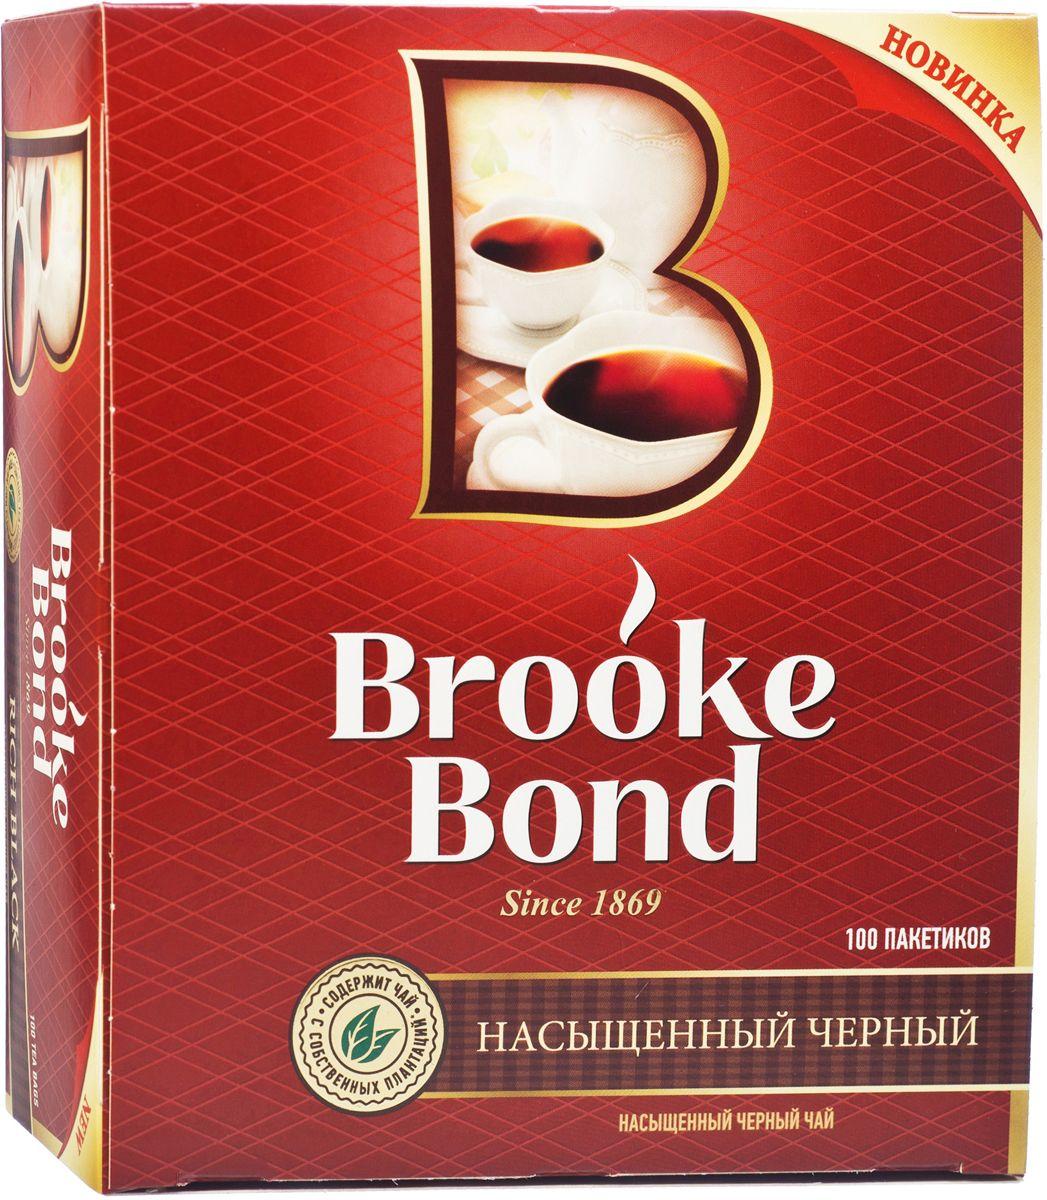 Brooke Bond Насыщенный черный чай в пакетиках, 100 шт21153965/65415506Brooke Bond в пакетиках позволяет насладиться превосходным вкусом крепкого черного чая. Секрет его вкуса — в уникальном купаже из высших сортов чая из Кении и Индонезии. Чай Brooke Bond обладает ярким, приятно терпким тонизирующим вкусом и насыщенным ароматом.